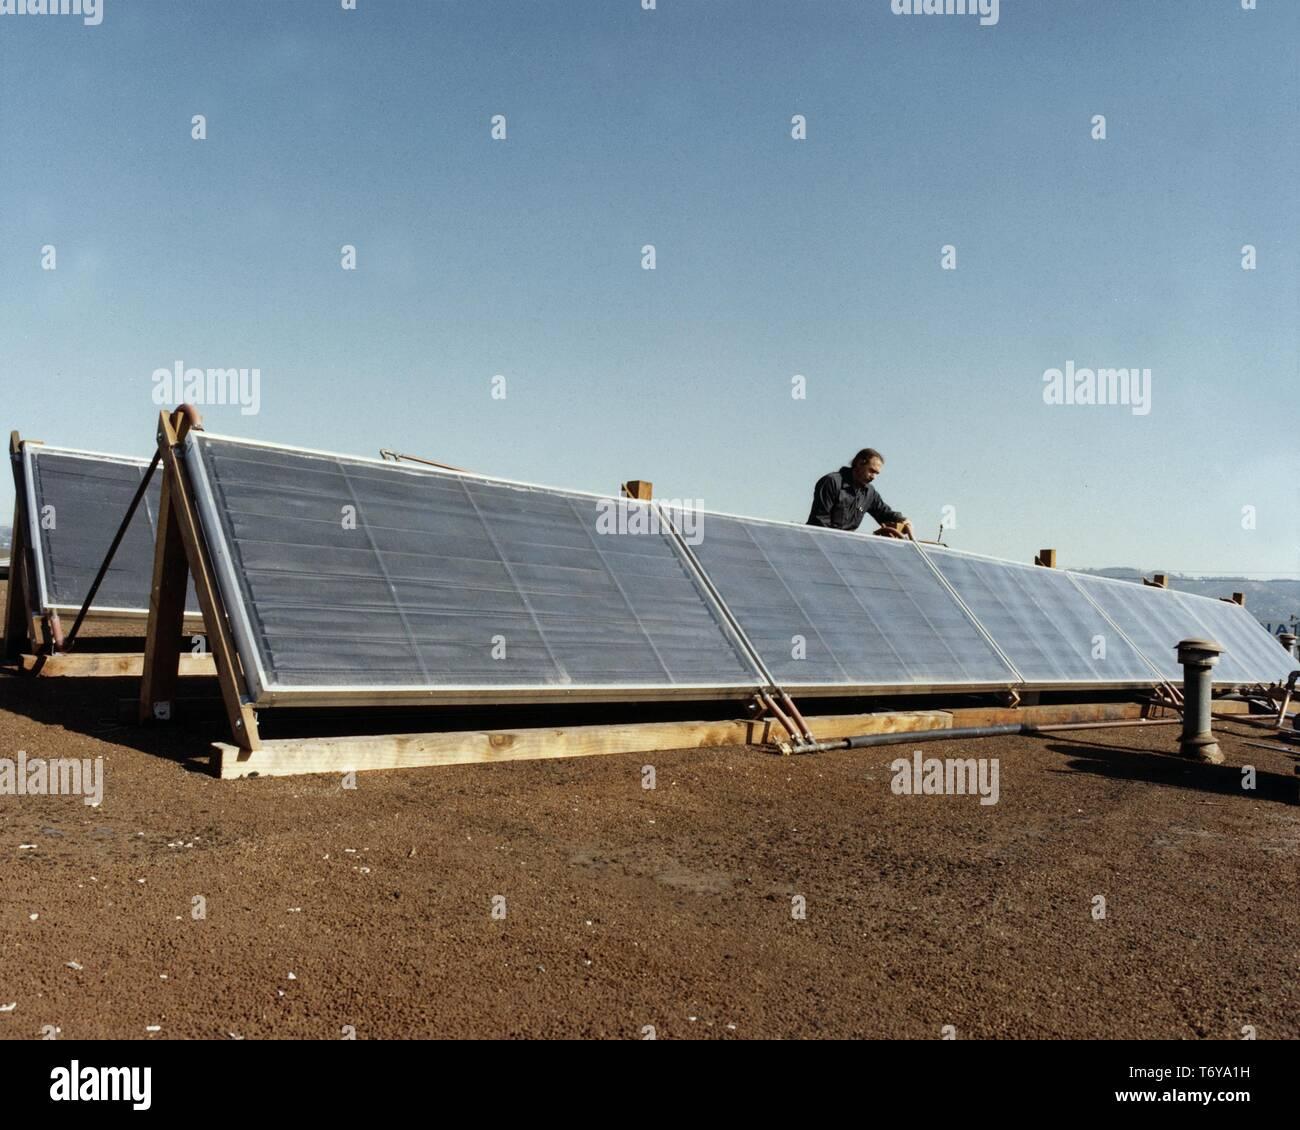 Colectores solares utilizados para calentar agua en un proyecto para hacer el lavado de botella viable a gran escala, alentando a los fabricantes para usar contenedores retornables, 2010. Imagen cortesía del Departamento de Energía de Estados Unidos. () Foto de stock